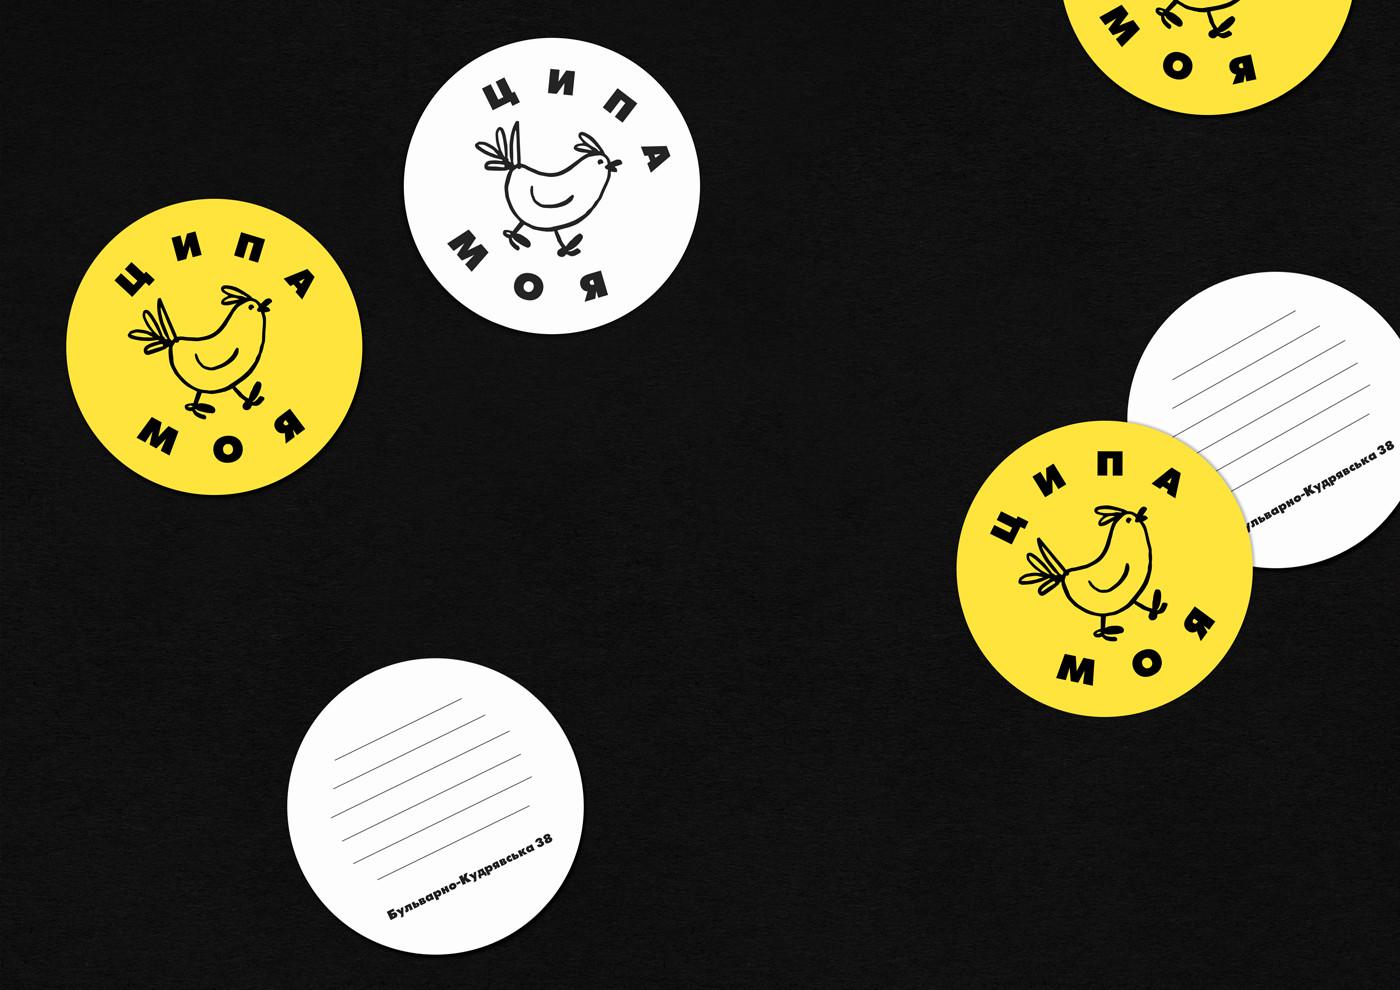 Фирменный стиль и логотип для «Ципа Моя» — ресторана быстрой и здоровой еды в Киеве